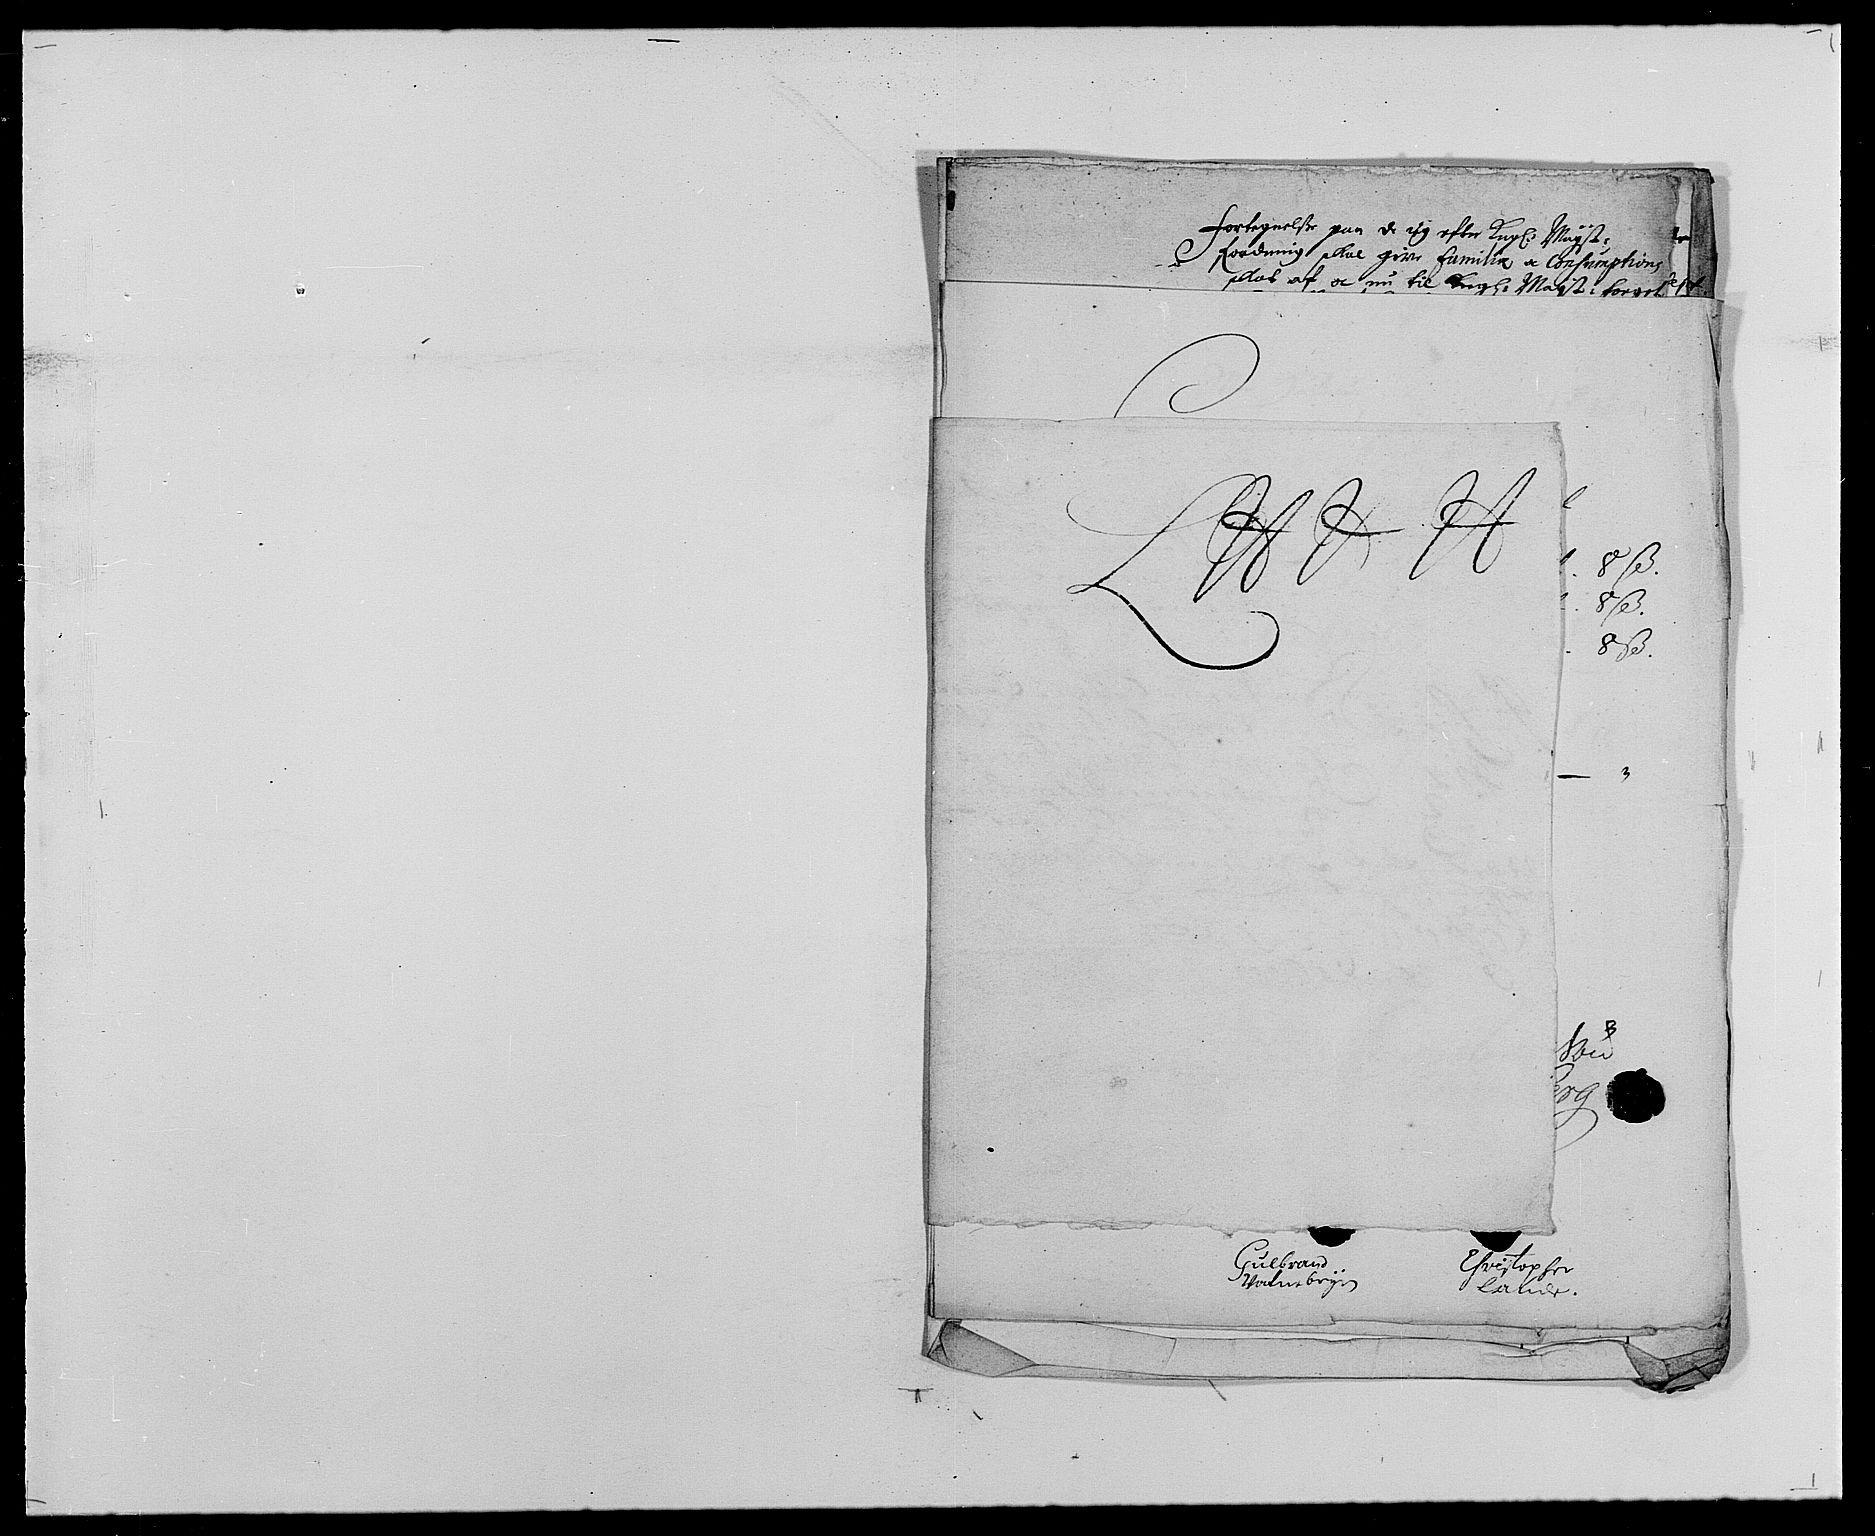 RA, Rentekammeret inntil 1814, Reviderte regnskaper, Fogderegnskap, R24/L1571: Fogderegnskap Numedal og Sandsvær, 1679-1686, s. 407